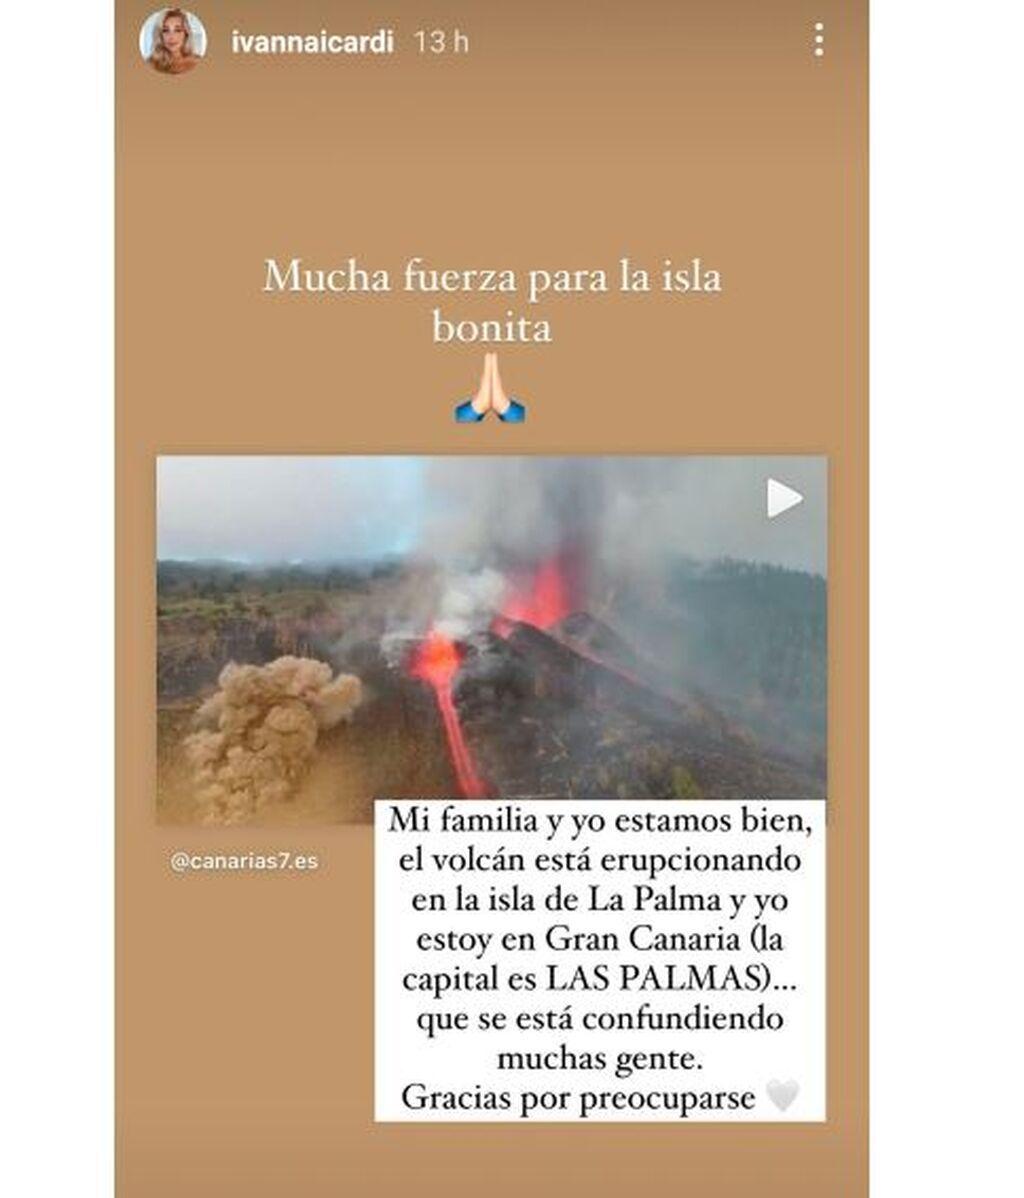 La aclaración de Ivana Icardi en la tragedia del volcán